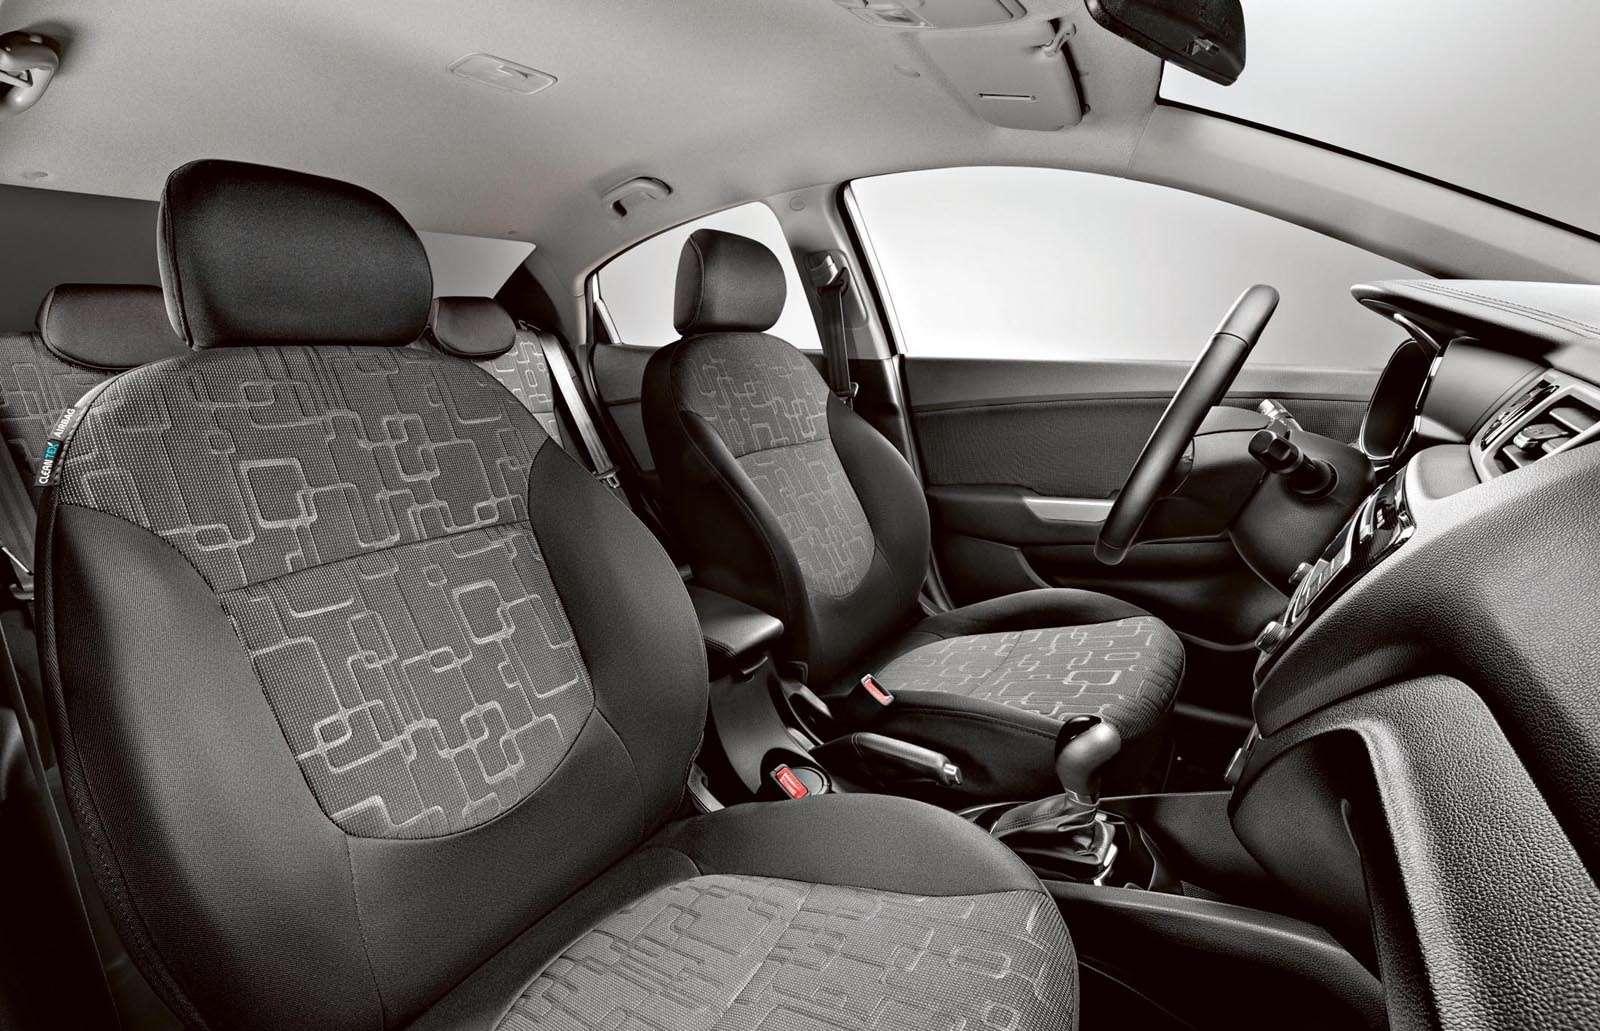 Покупаем Kia Rio: уже большой, еще невзрослый— фото 380841